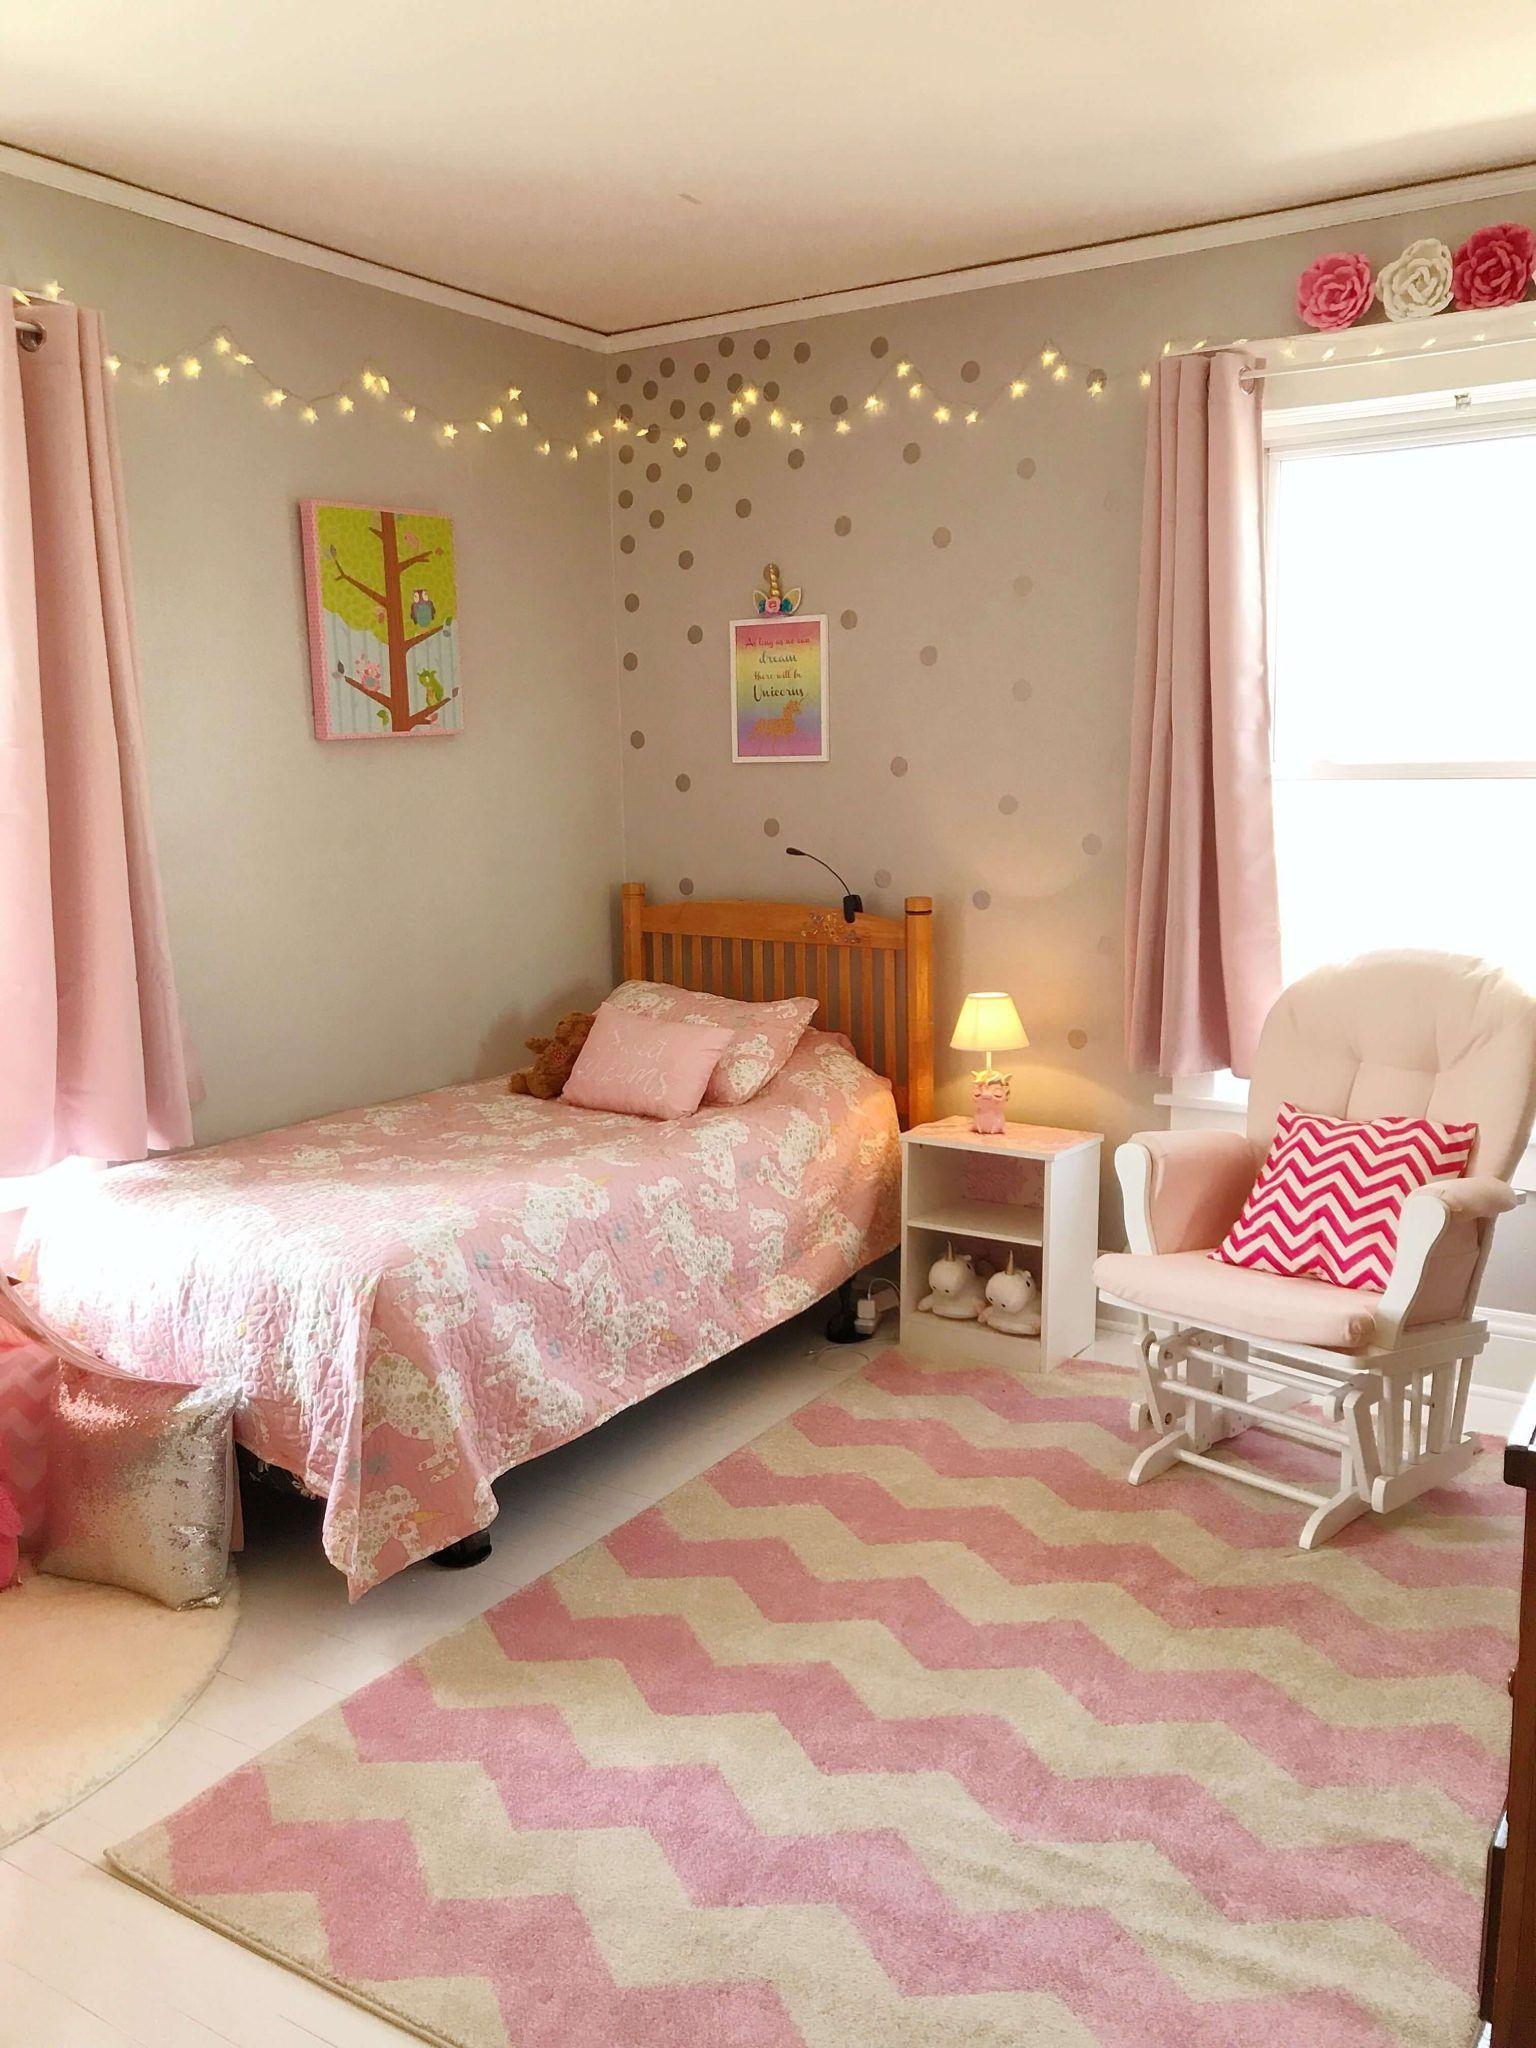 Marvelous Cute Loft Bedroom Ideas Cutebedroomideas